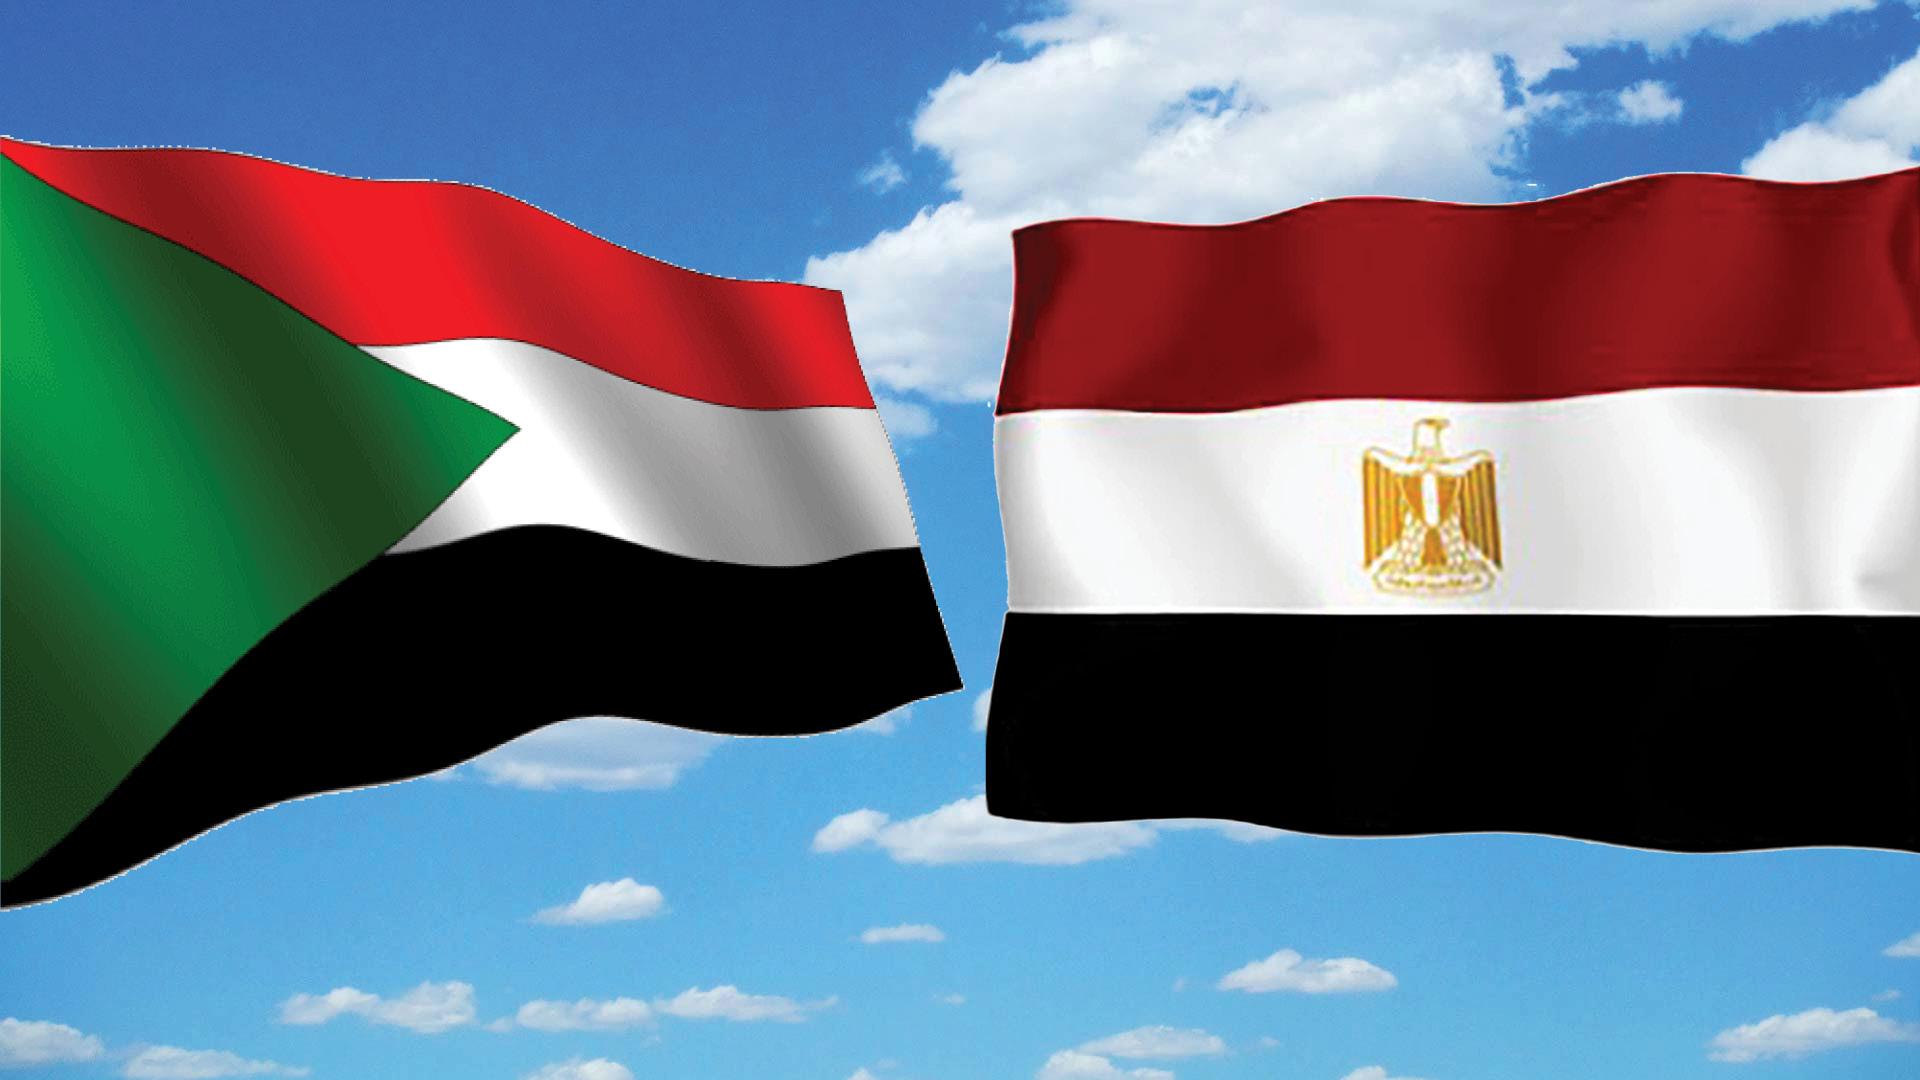 هل ستندلع الحرب بين مصر والسودان ؟